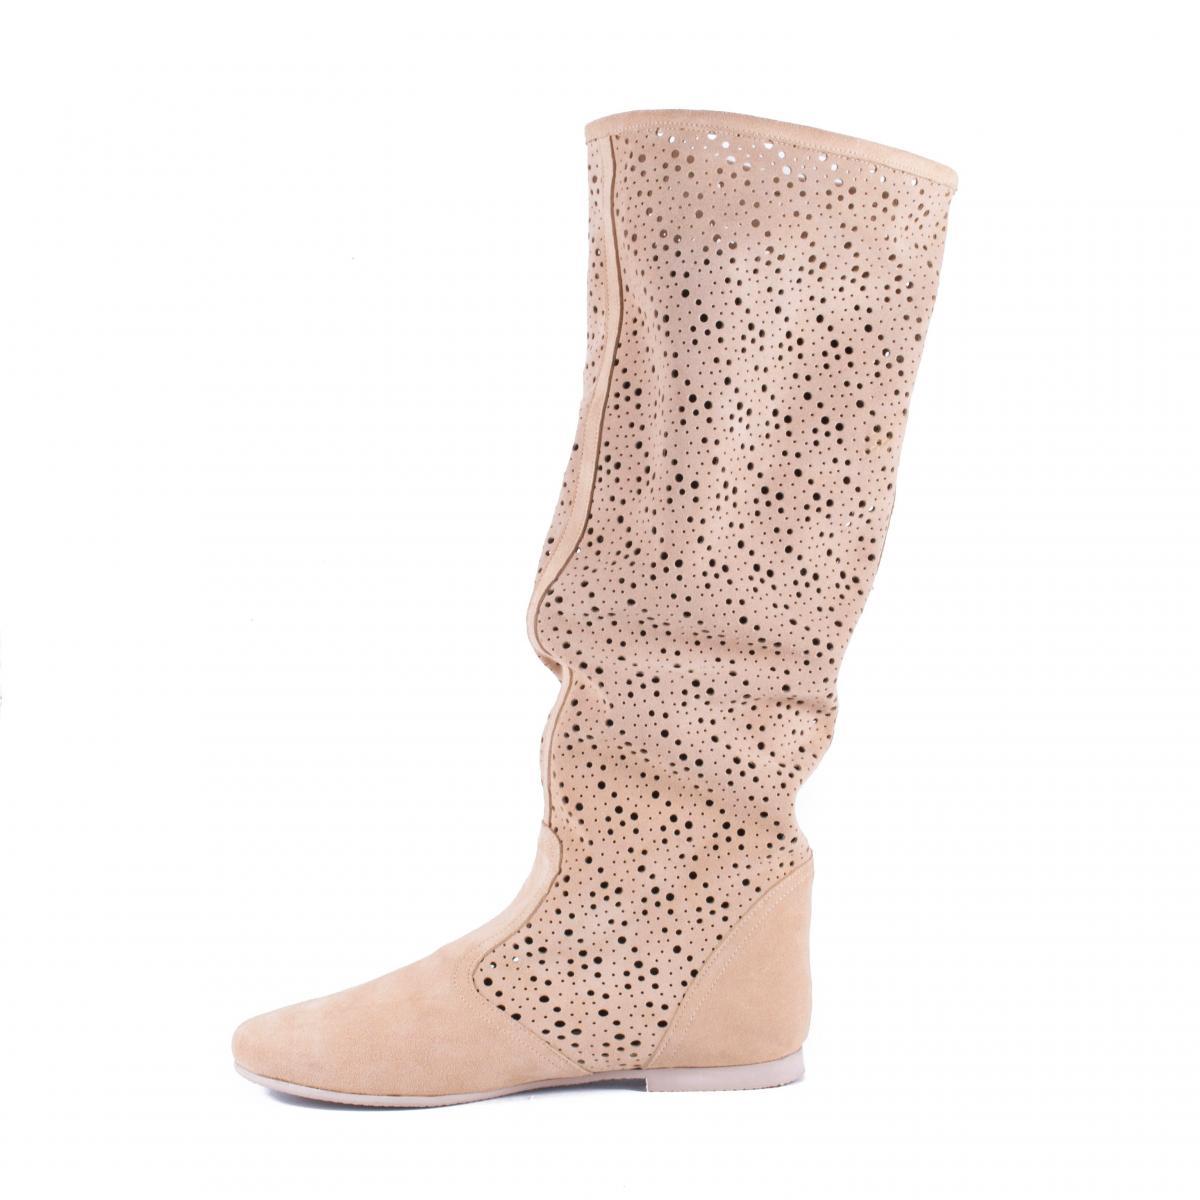 cumpărați cizme din varicoză varicoză pe picioare ca ea este înfricoșătoare